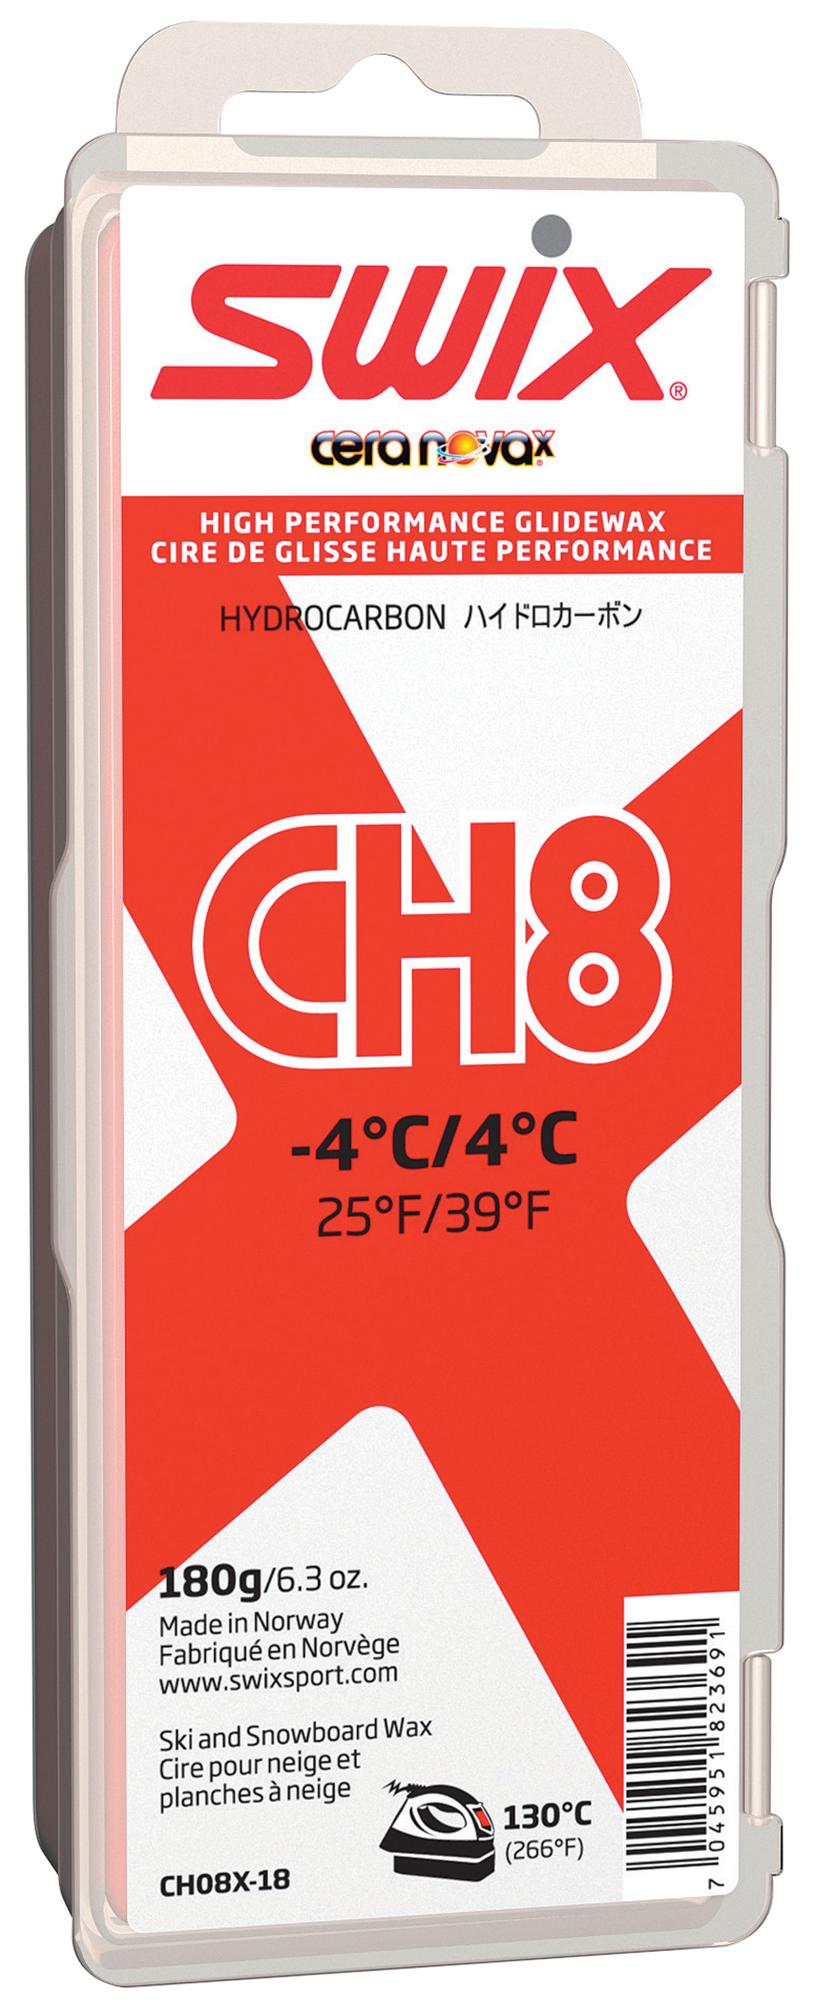 Swix Мазь скольжения Swix CH8, +4C/-4C colosseo 70805 4c celina